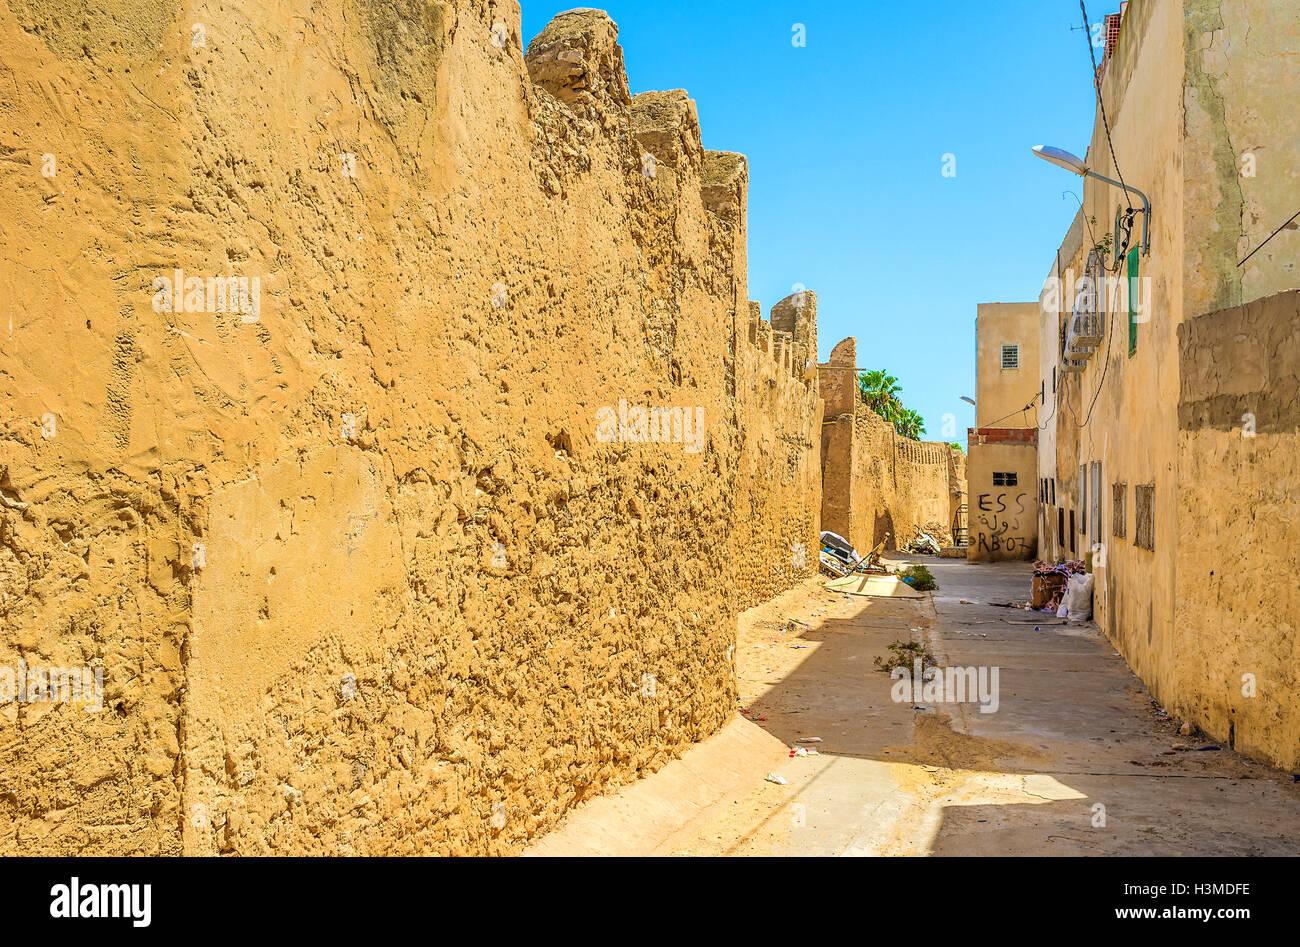 El viejo Sfax es la típica ciudad árabe medieval bien conservado, murallas, calles estrechas y casas antiguas, Imagen De Stock